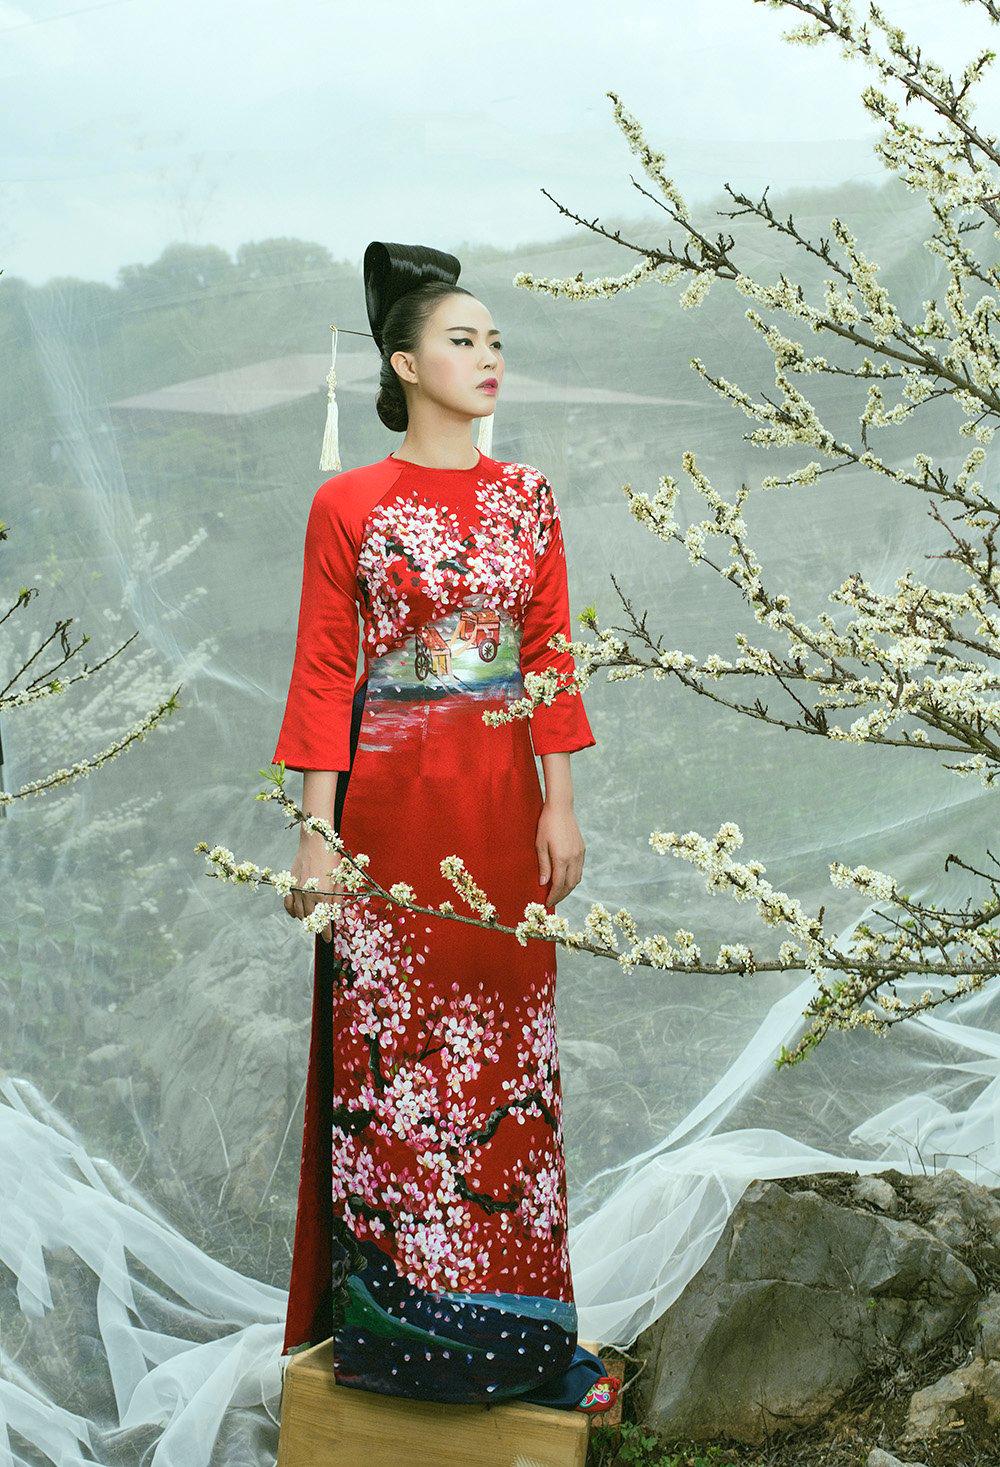 Hình ảnh Phù thủy makeup Kenny Thái ra mắt BST áo dài mang phong cách Nhật Bản số 8